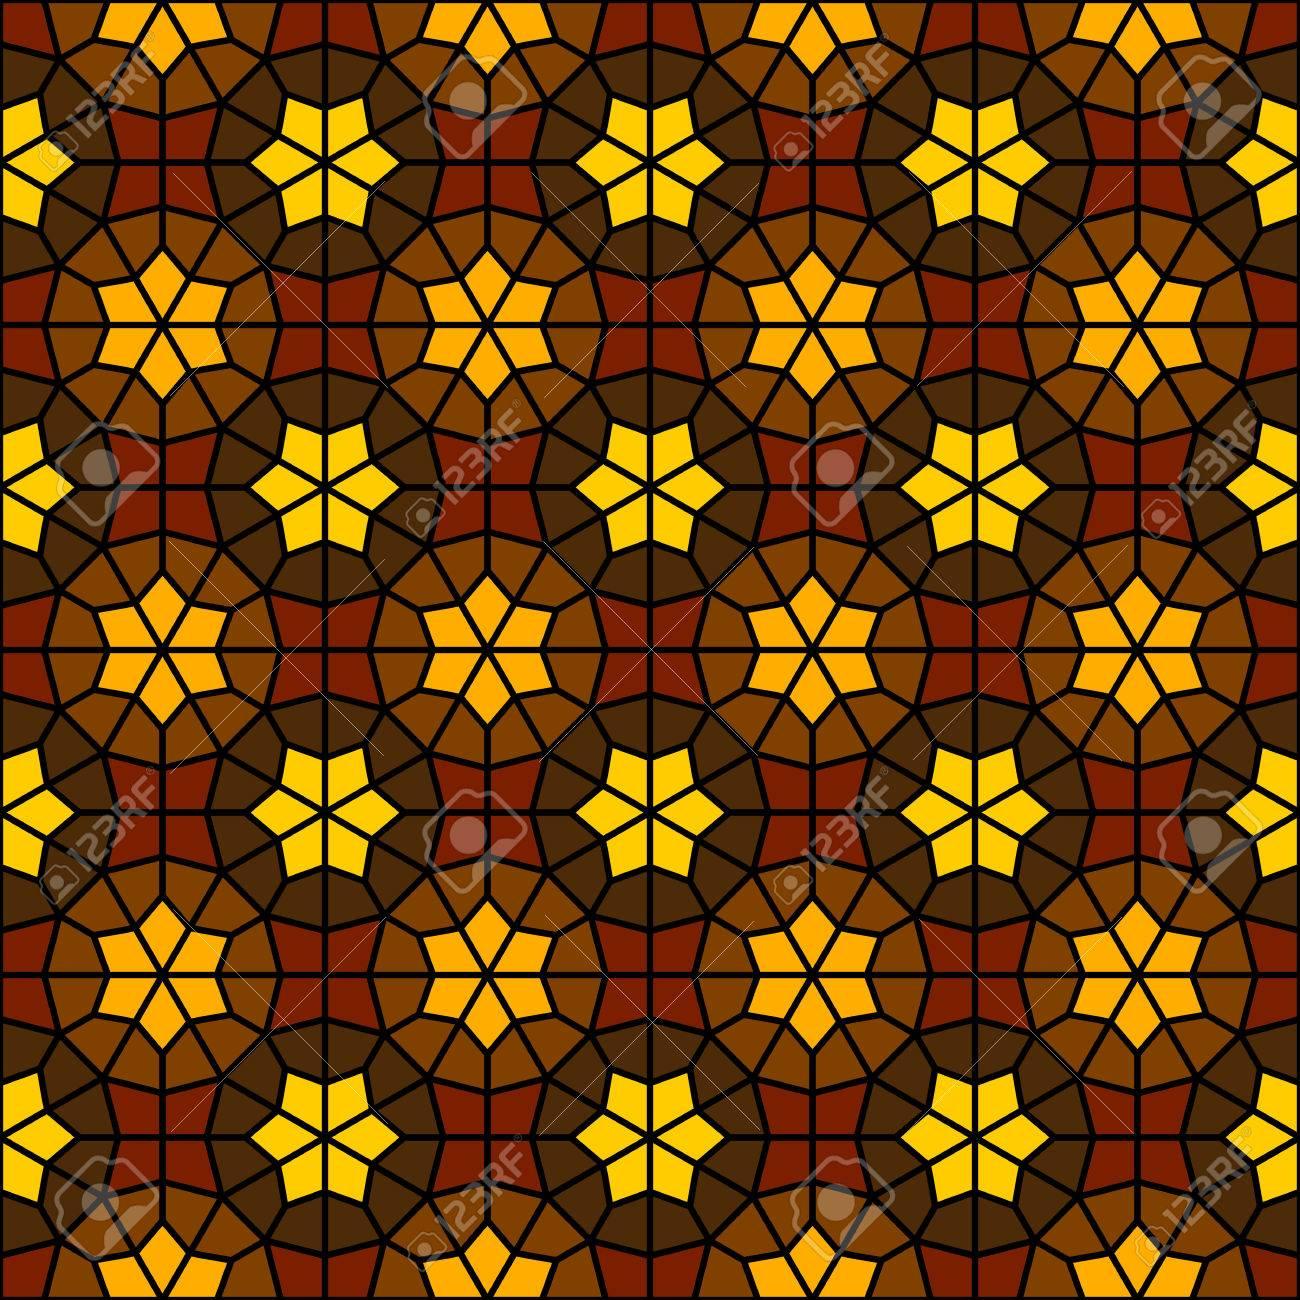 weinlese orientalische ornament von mandalas vorlage fr teppich schal tapete stilisierte reiche mittelalterliche dekor shebeke ideal fr wand und - Muster Fur Wand